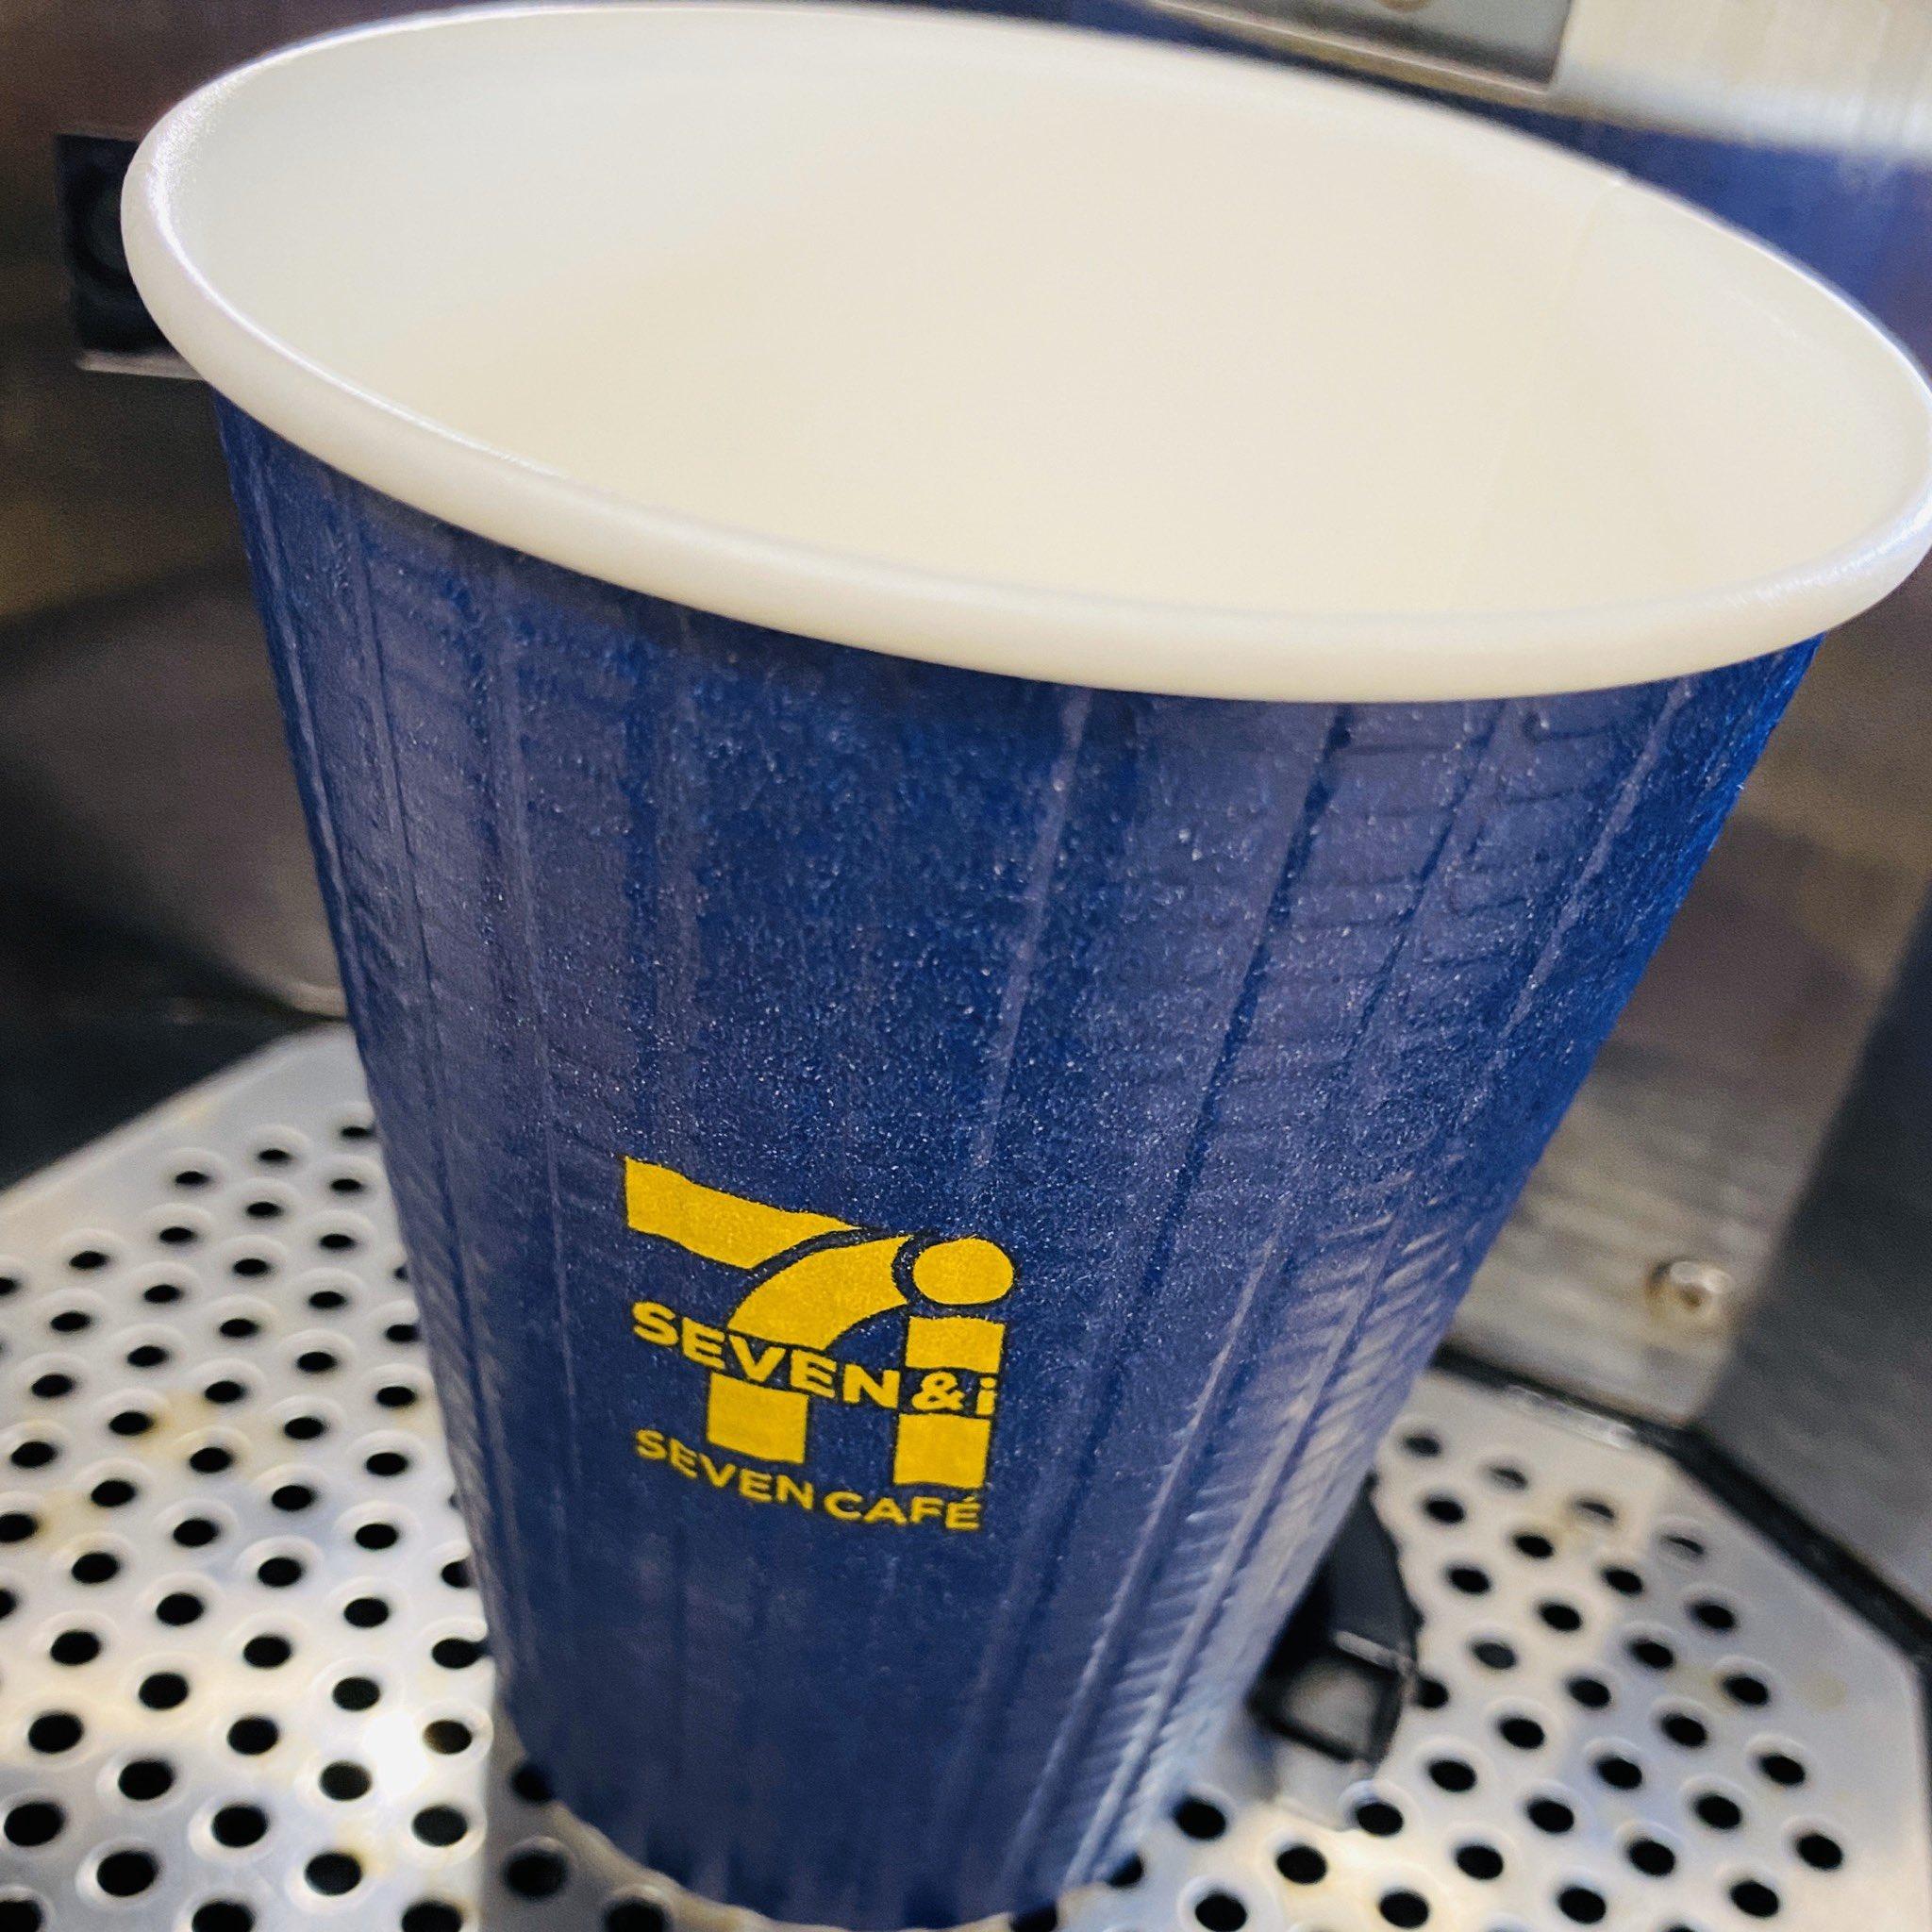 セブンイレブン SEVEN CAFÉ 青の贅沢。贅沢っていう割にはお安い( ゚∀゚) イタリアンローストなキリマンジャロ豆をブレンドした珈琲。カップを置くと自動でカップのサイズを認識してくれる。画面をタップするか放置しておくかで珈琲が出てくる。 https://t.co/b2zveApCM0